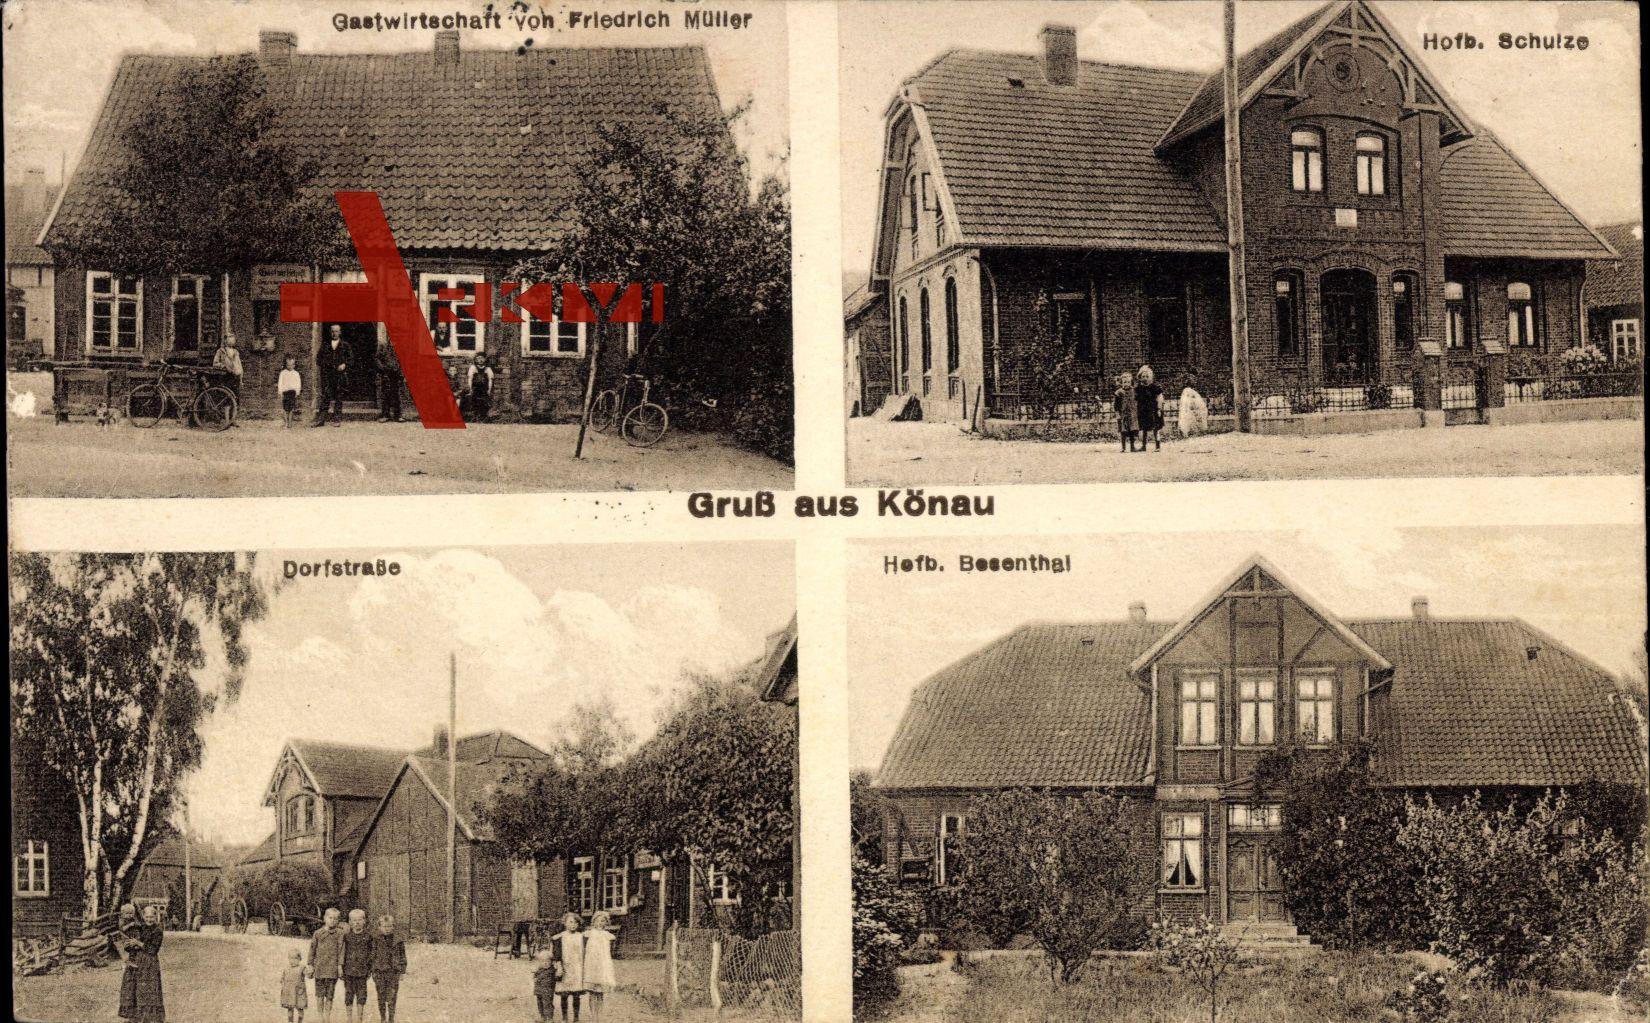 Könau Wieren Wrestedt, Gastwirtschaft v. Friedrich Müller, Hofb. Schulze